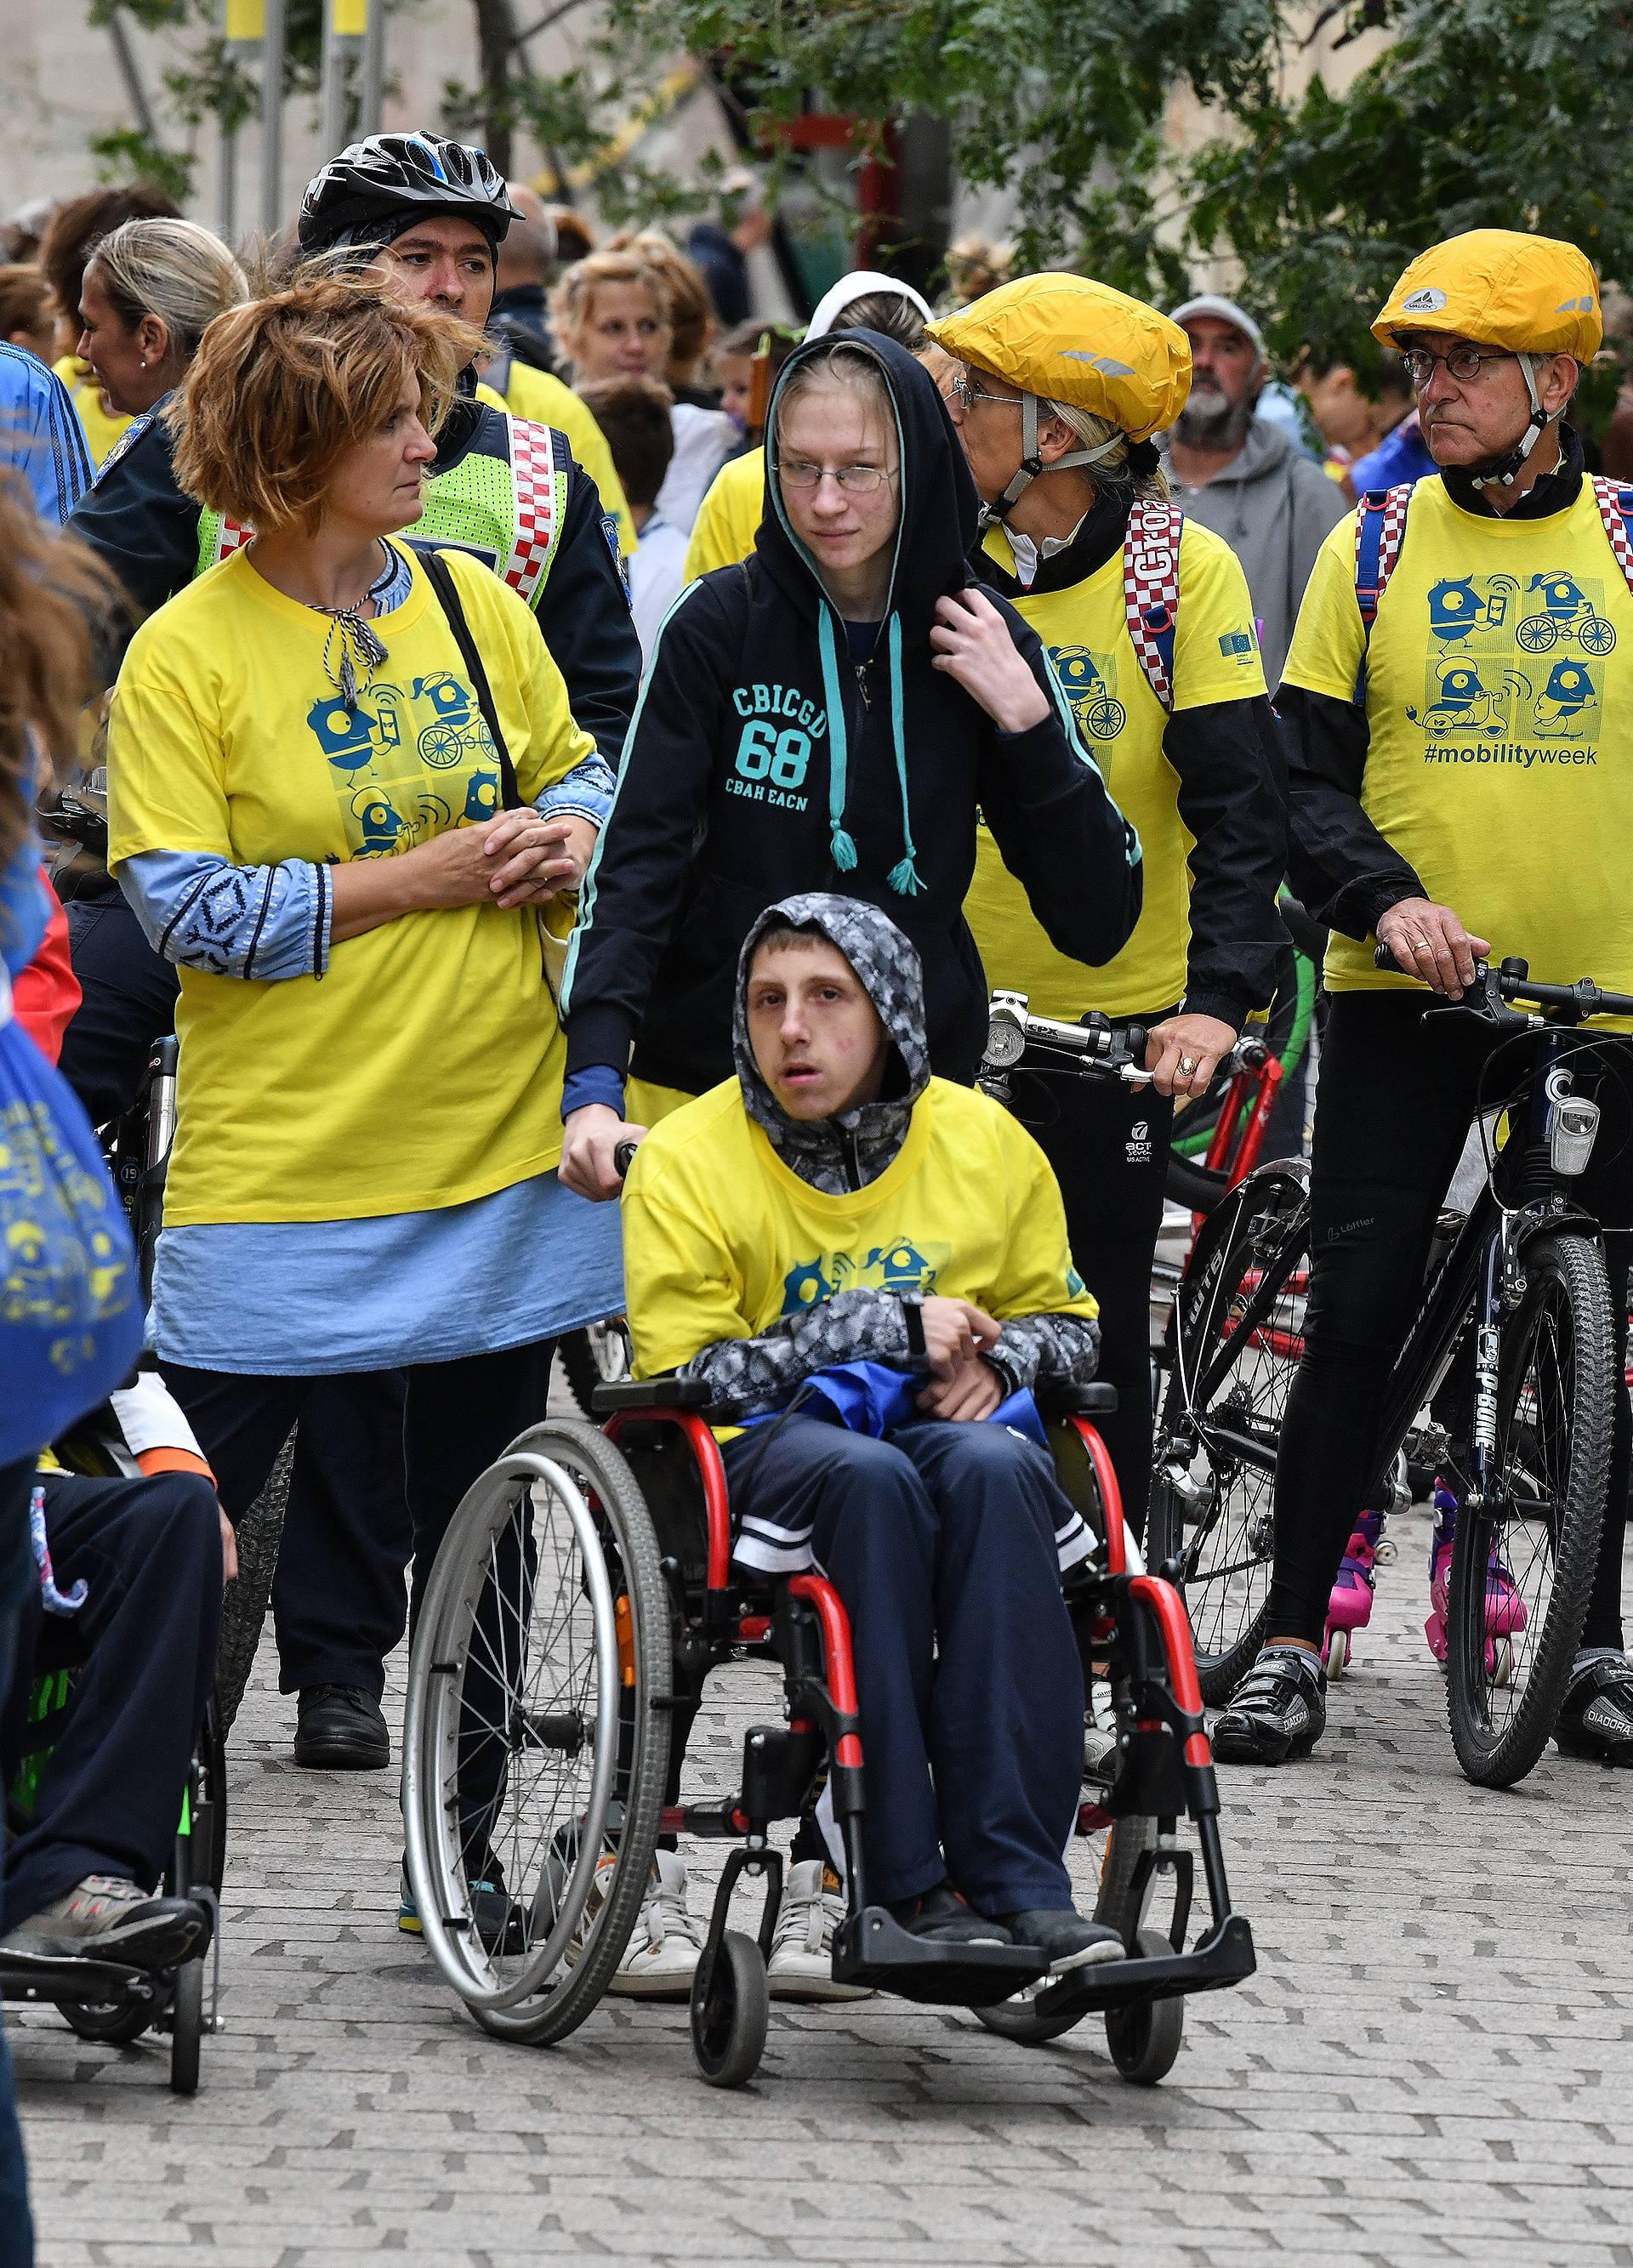 Zagreb: Proslava Europskog tjedna mobilnosti na Europskom trgu